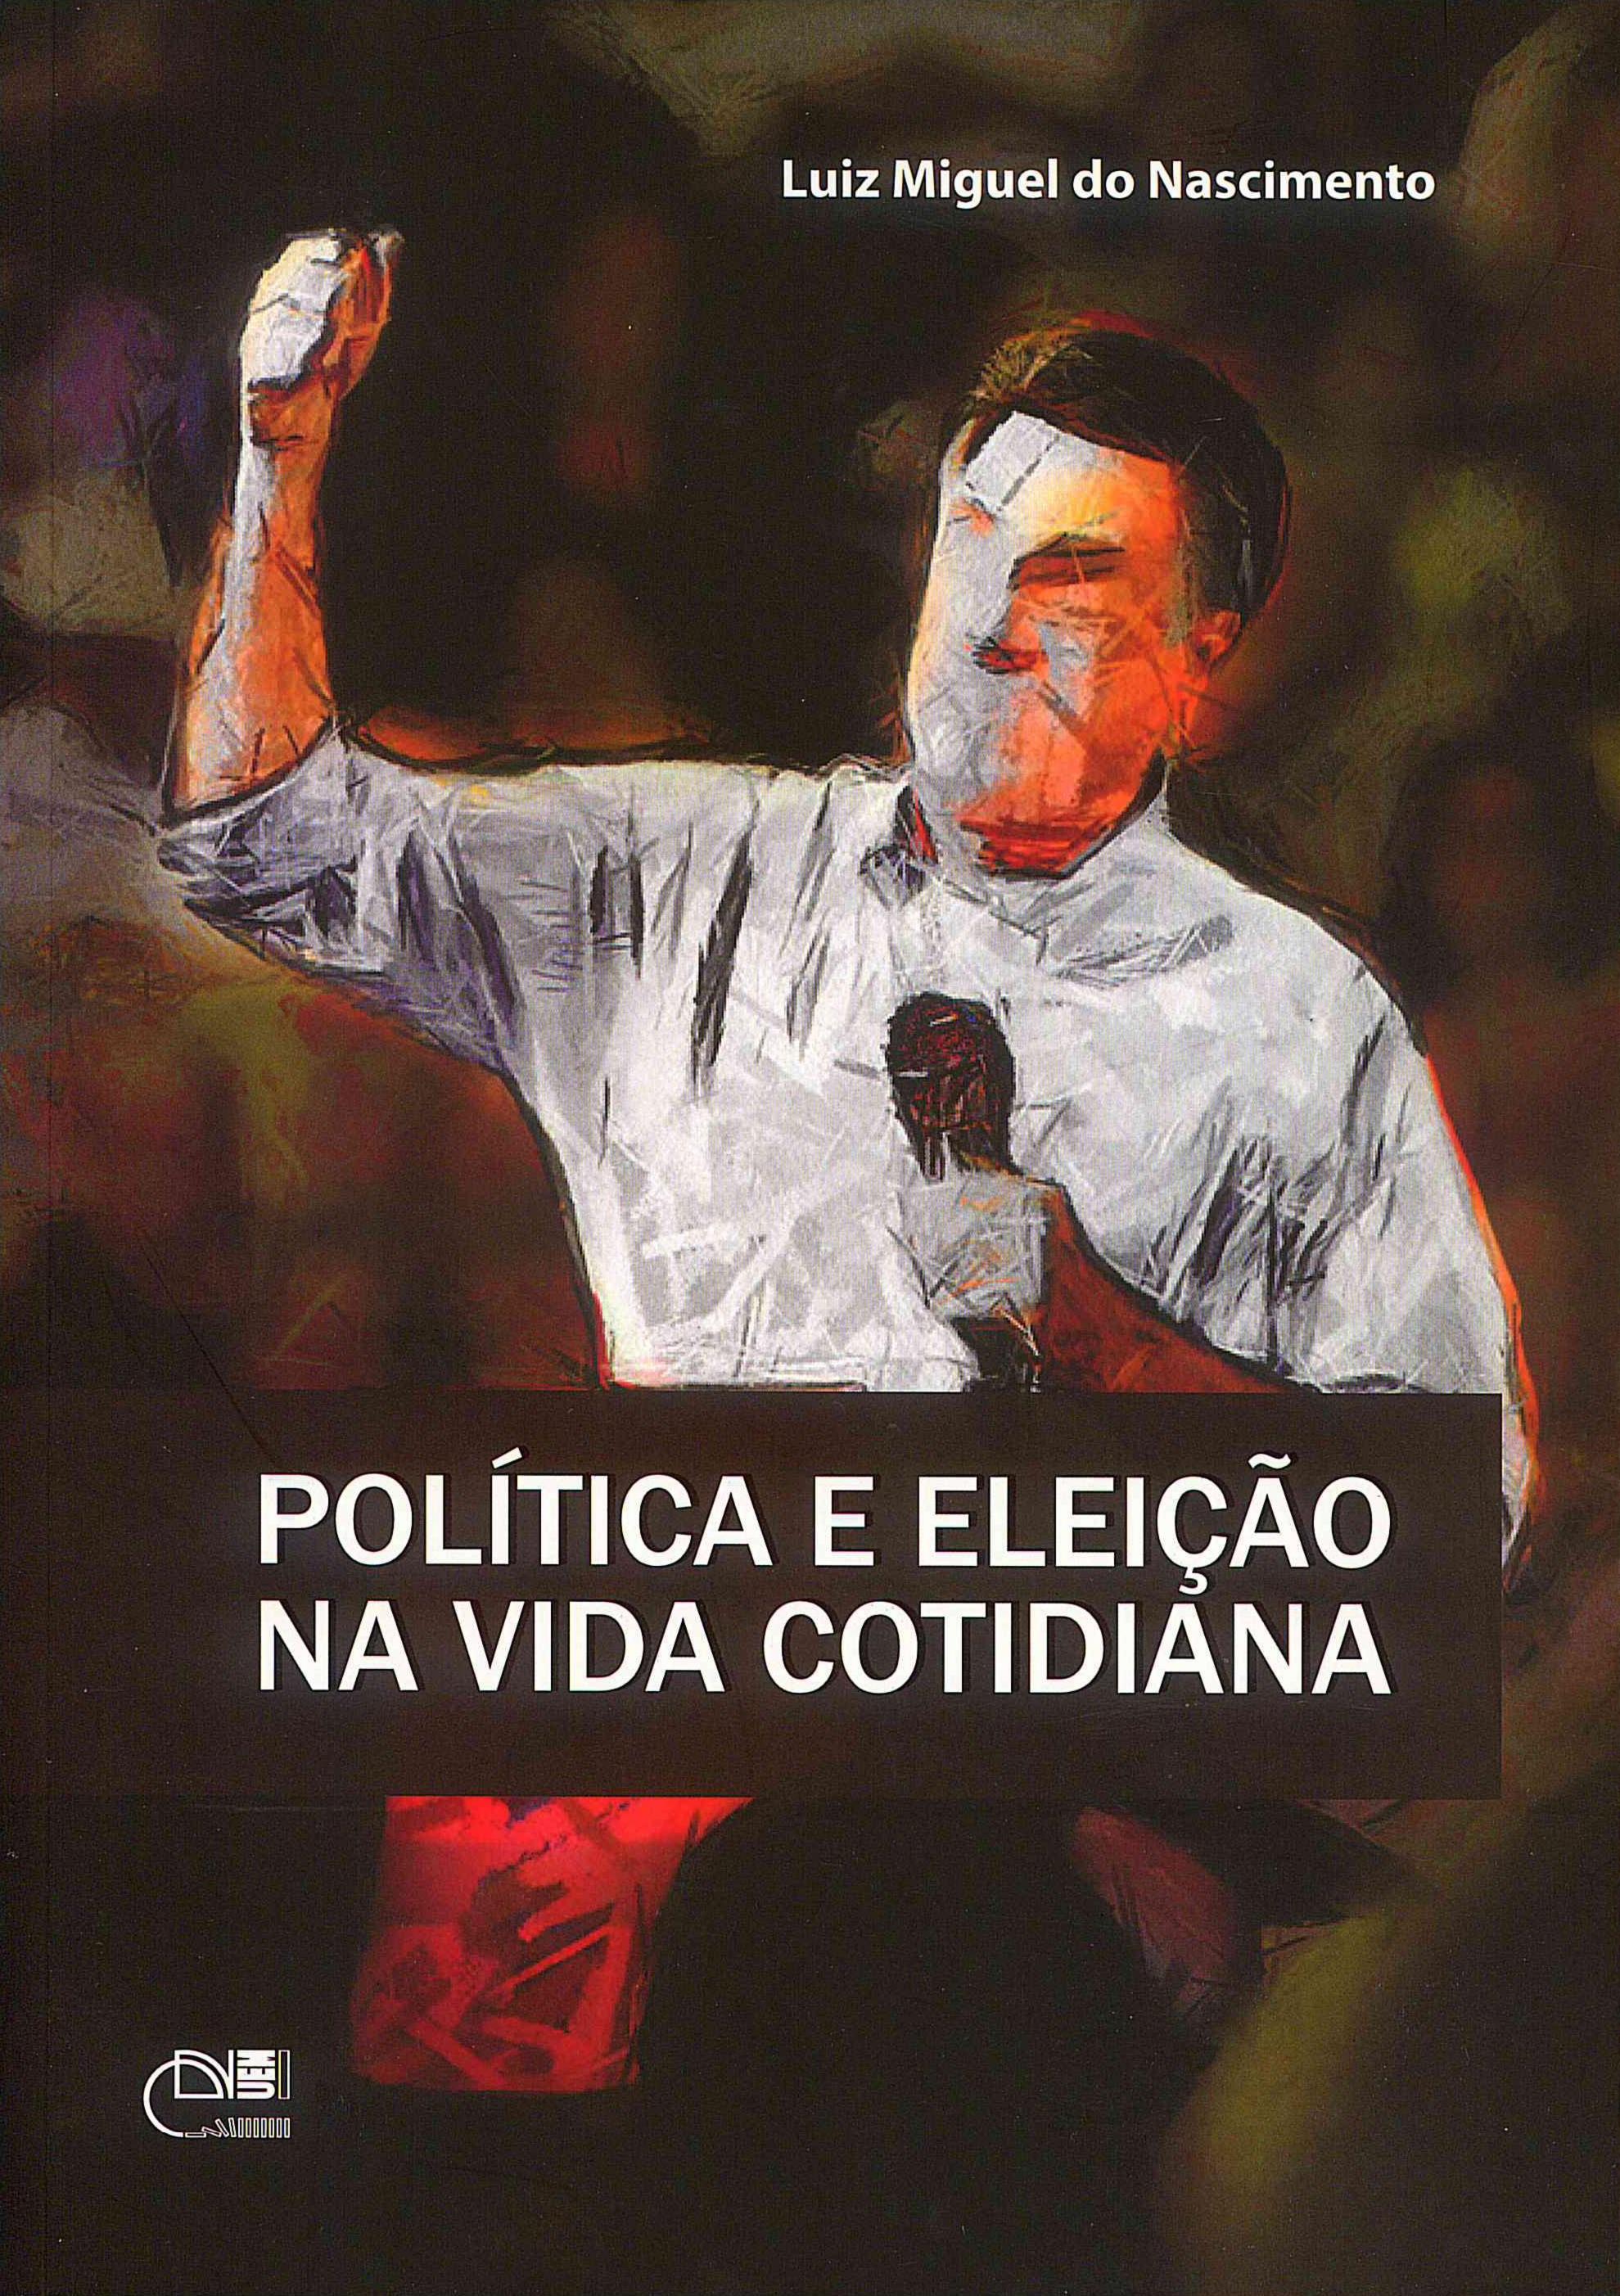 Política e eleição na vida cotidiana